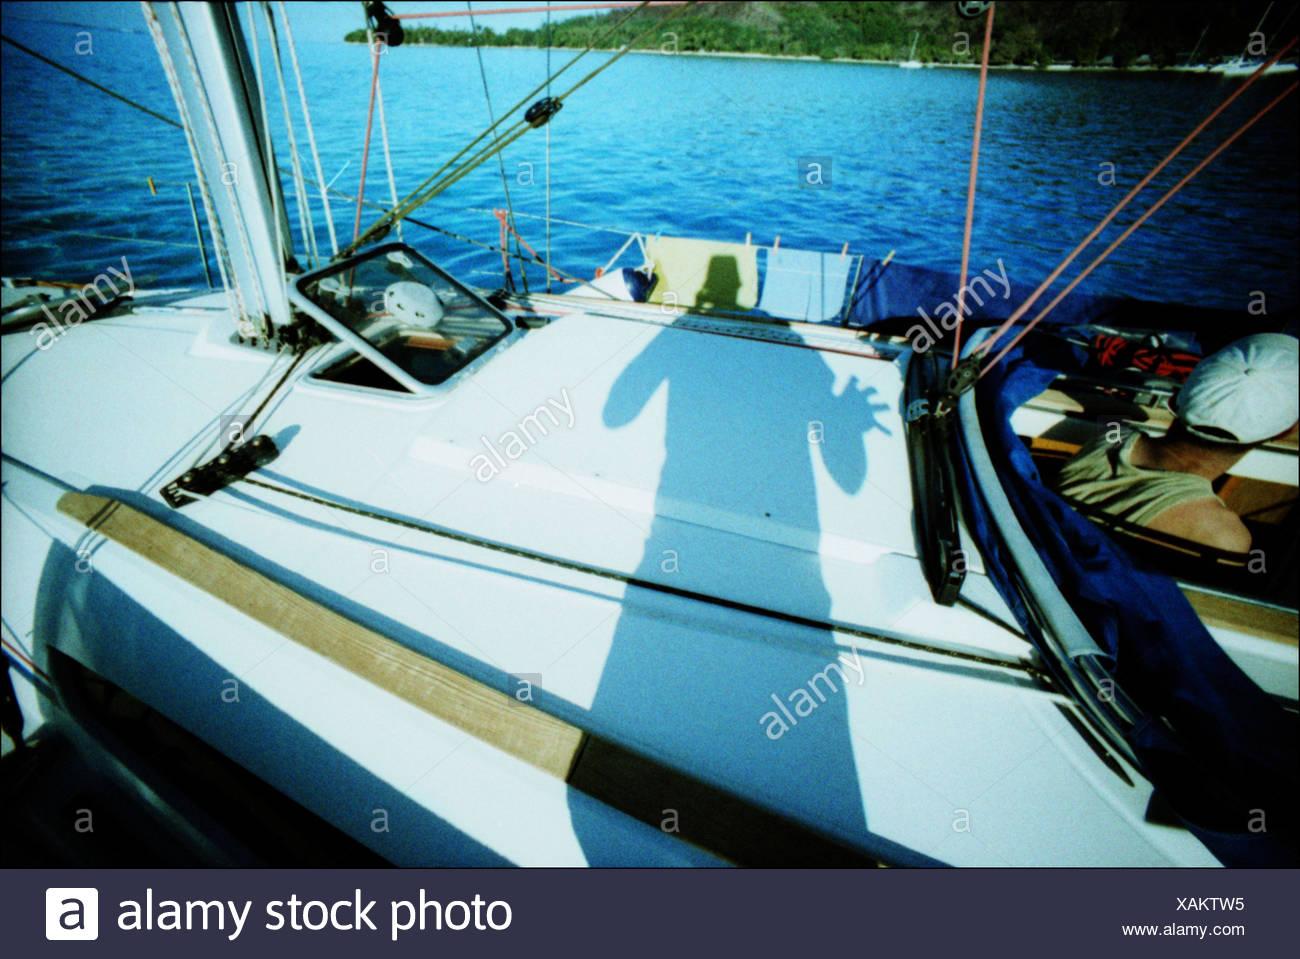 Schatten des Mannes auf Boot Stockbild